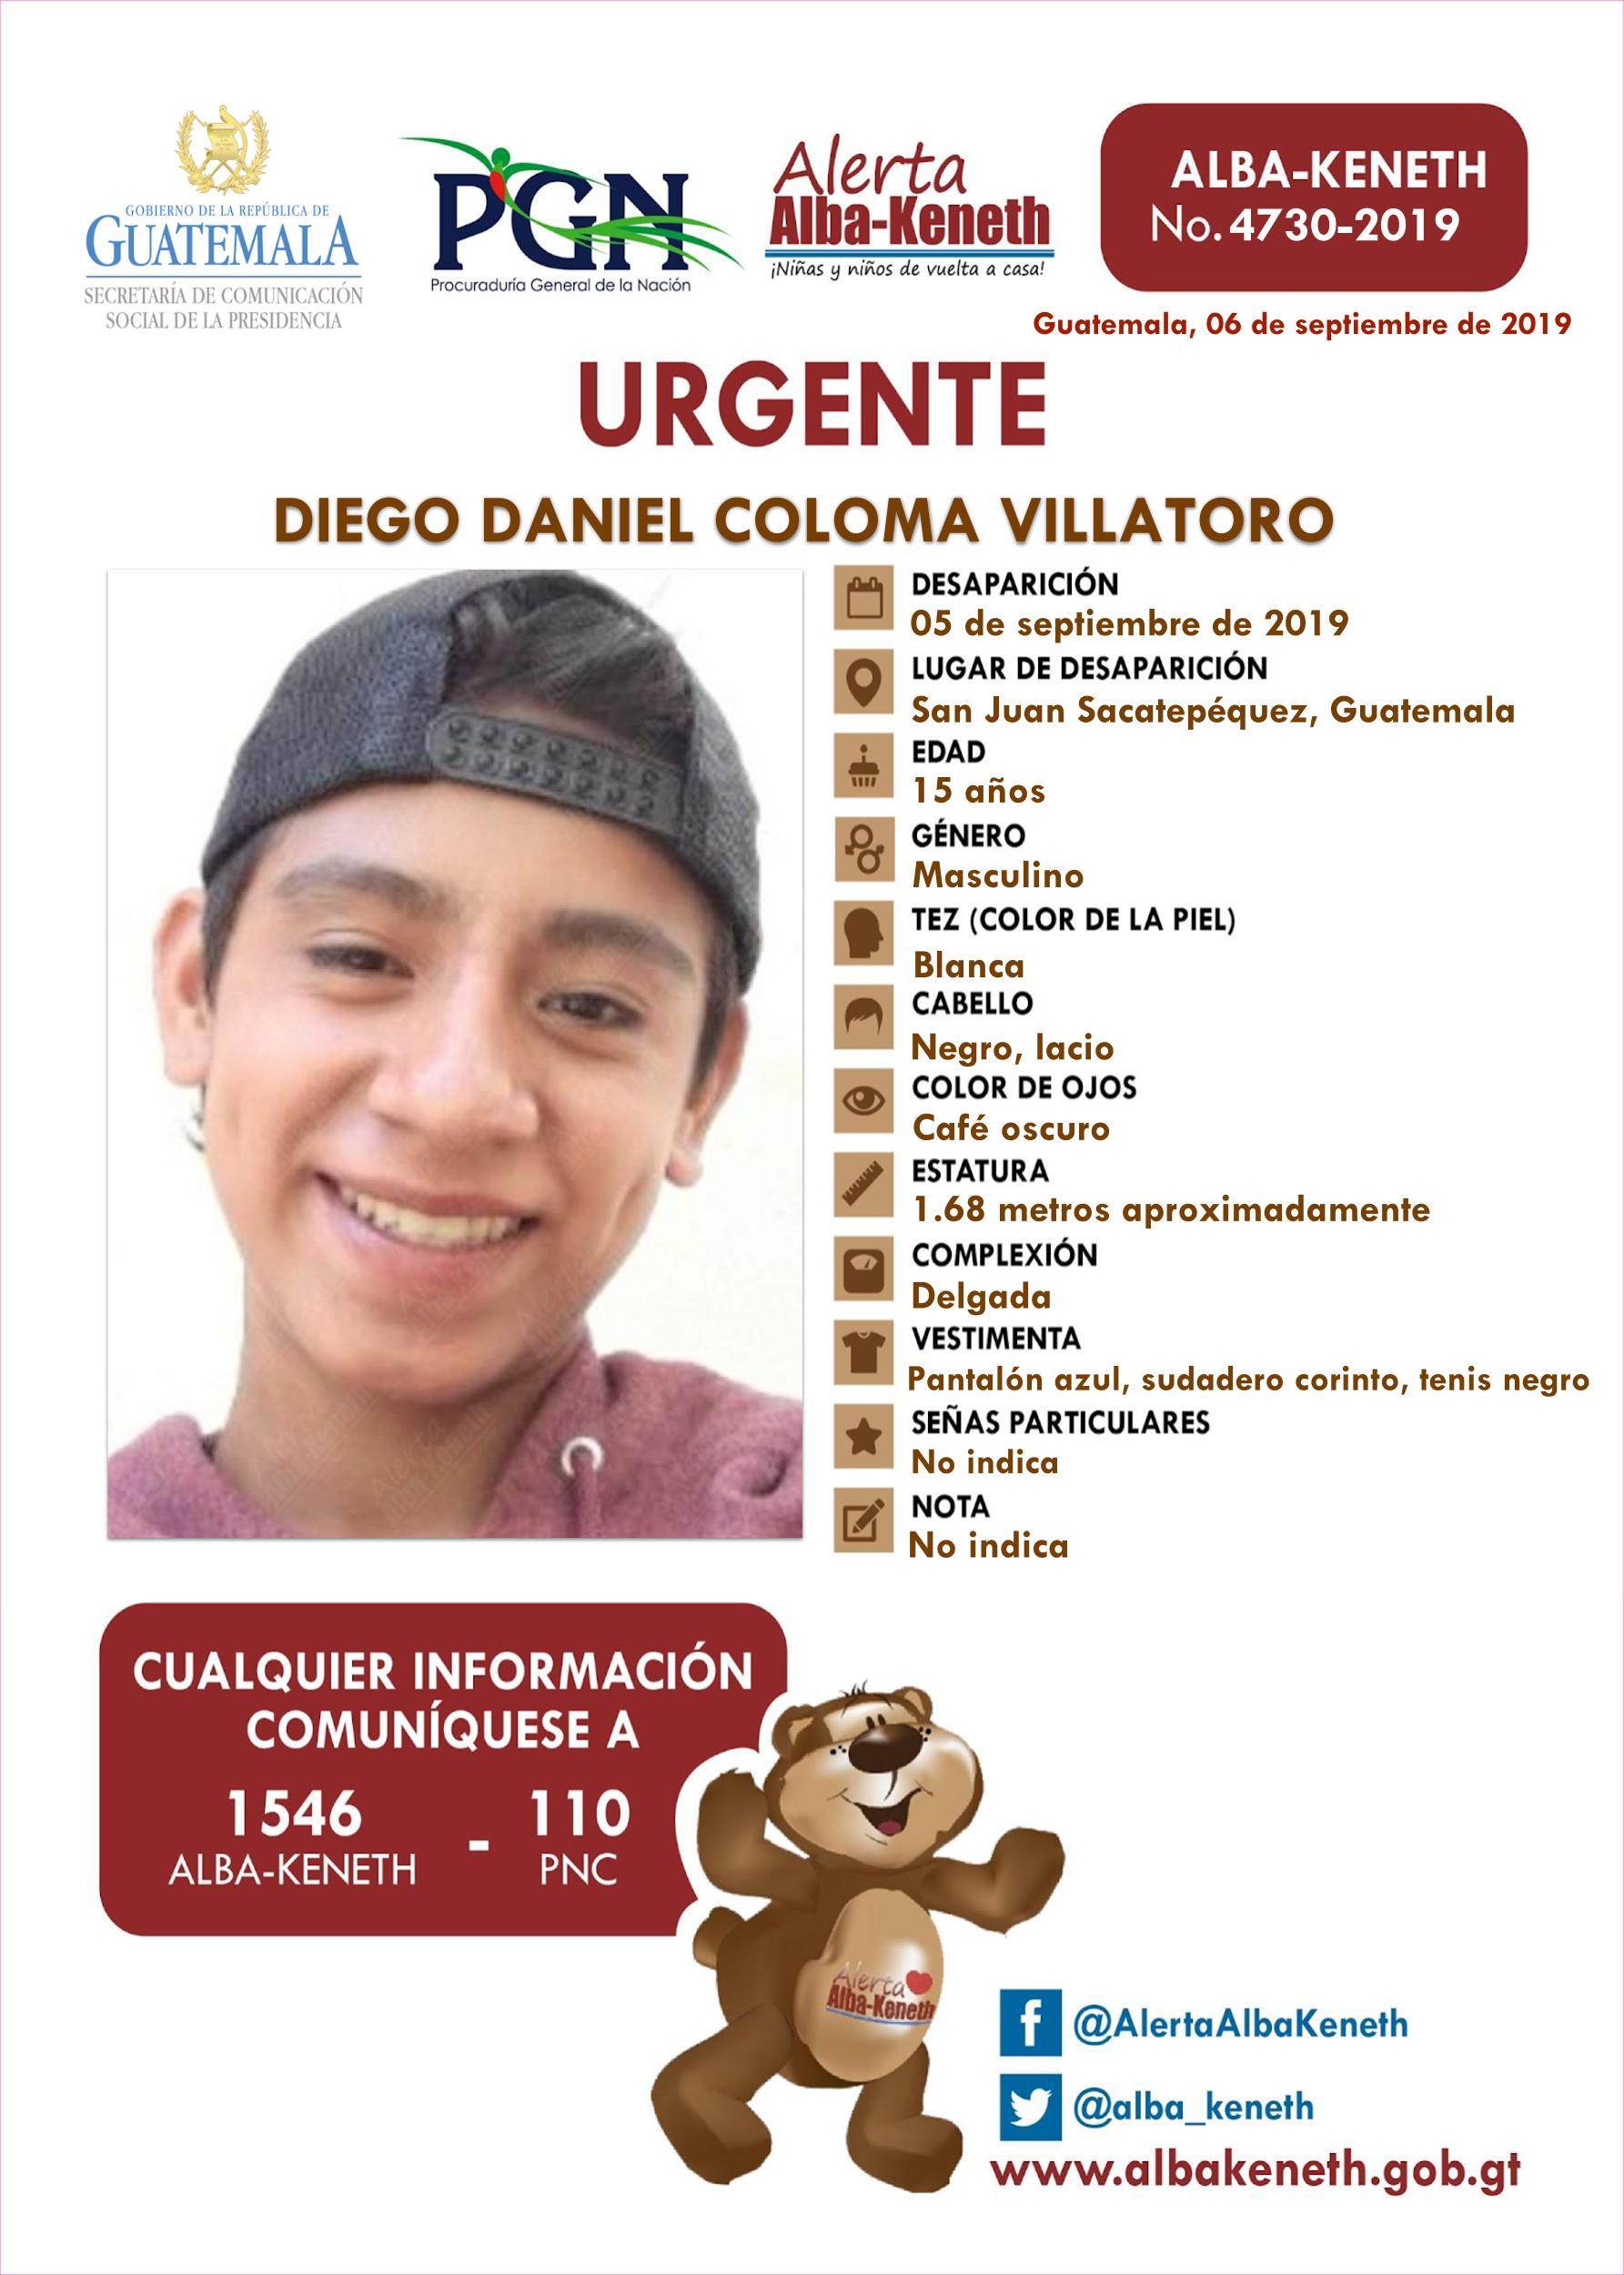 Diego Daniel Coloma Villatoro